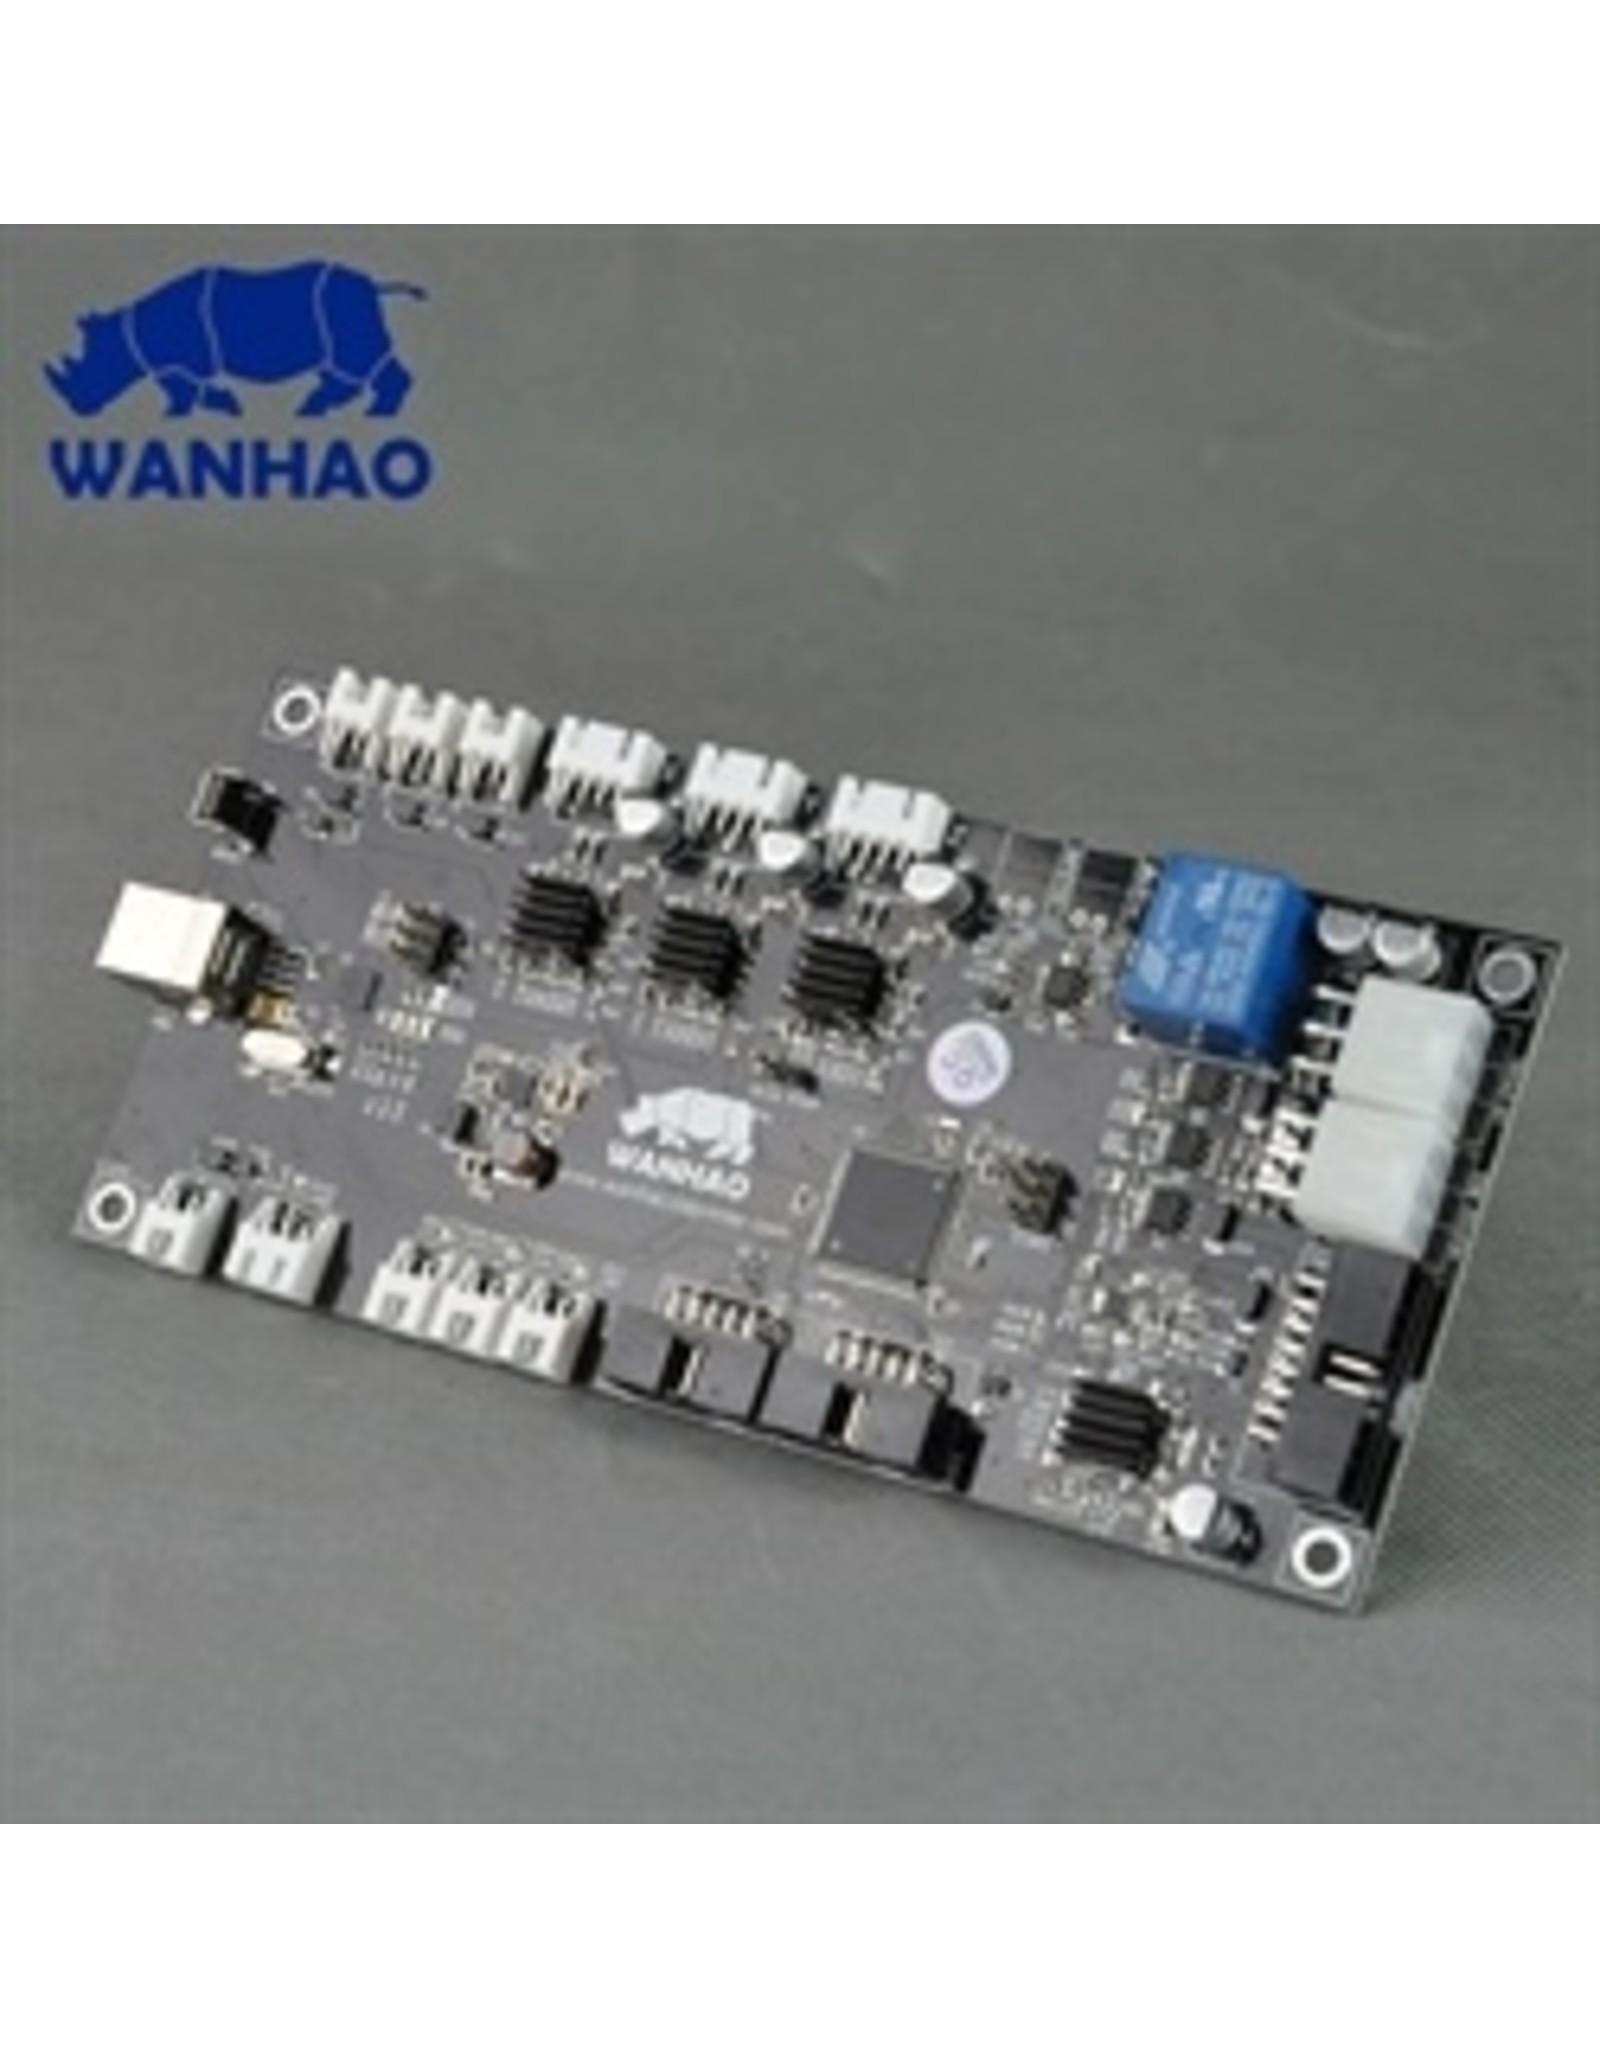 Wanhao Wanhao carte mère Duplicator 6